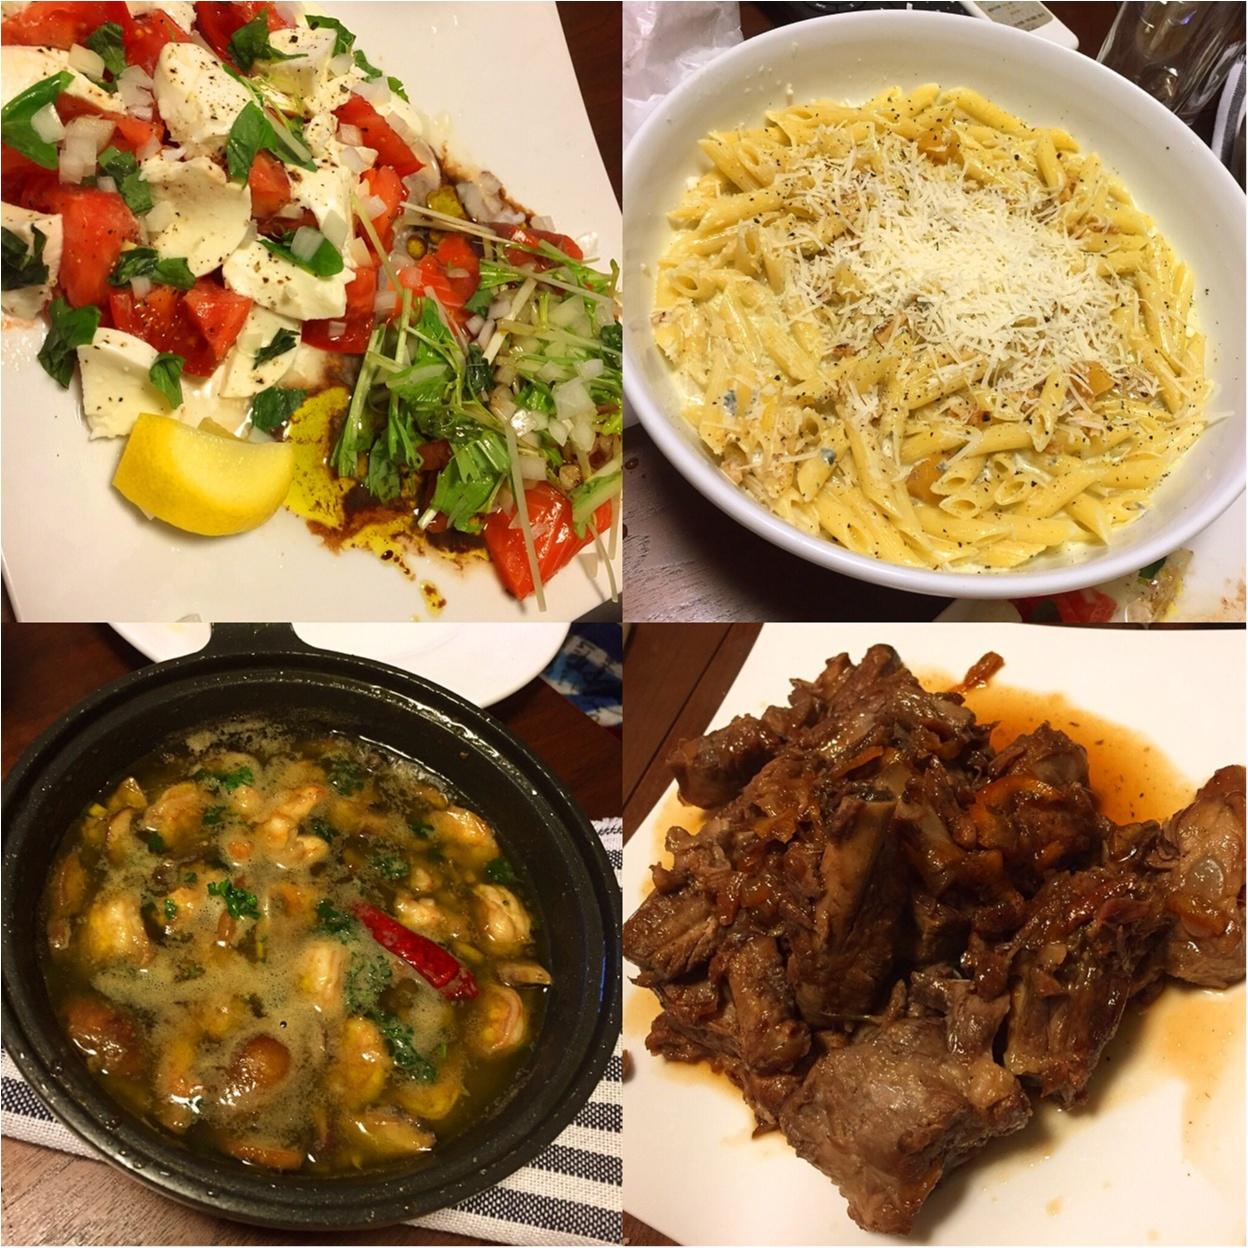 おうちで絶品イタリアン♡料理ができる男子はやっぱりモテるかもしれない...!!と思ったお話**_7